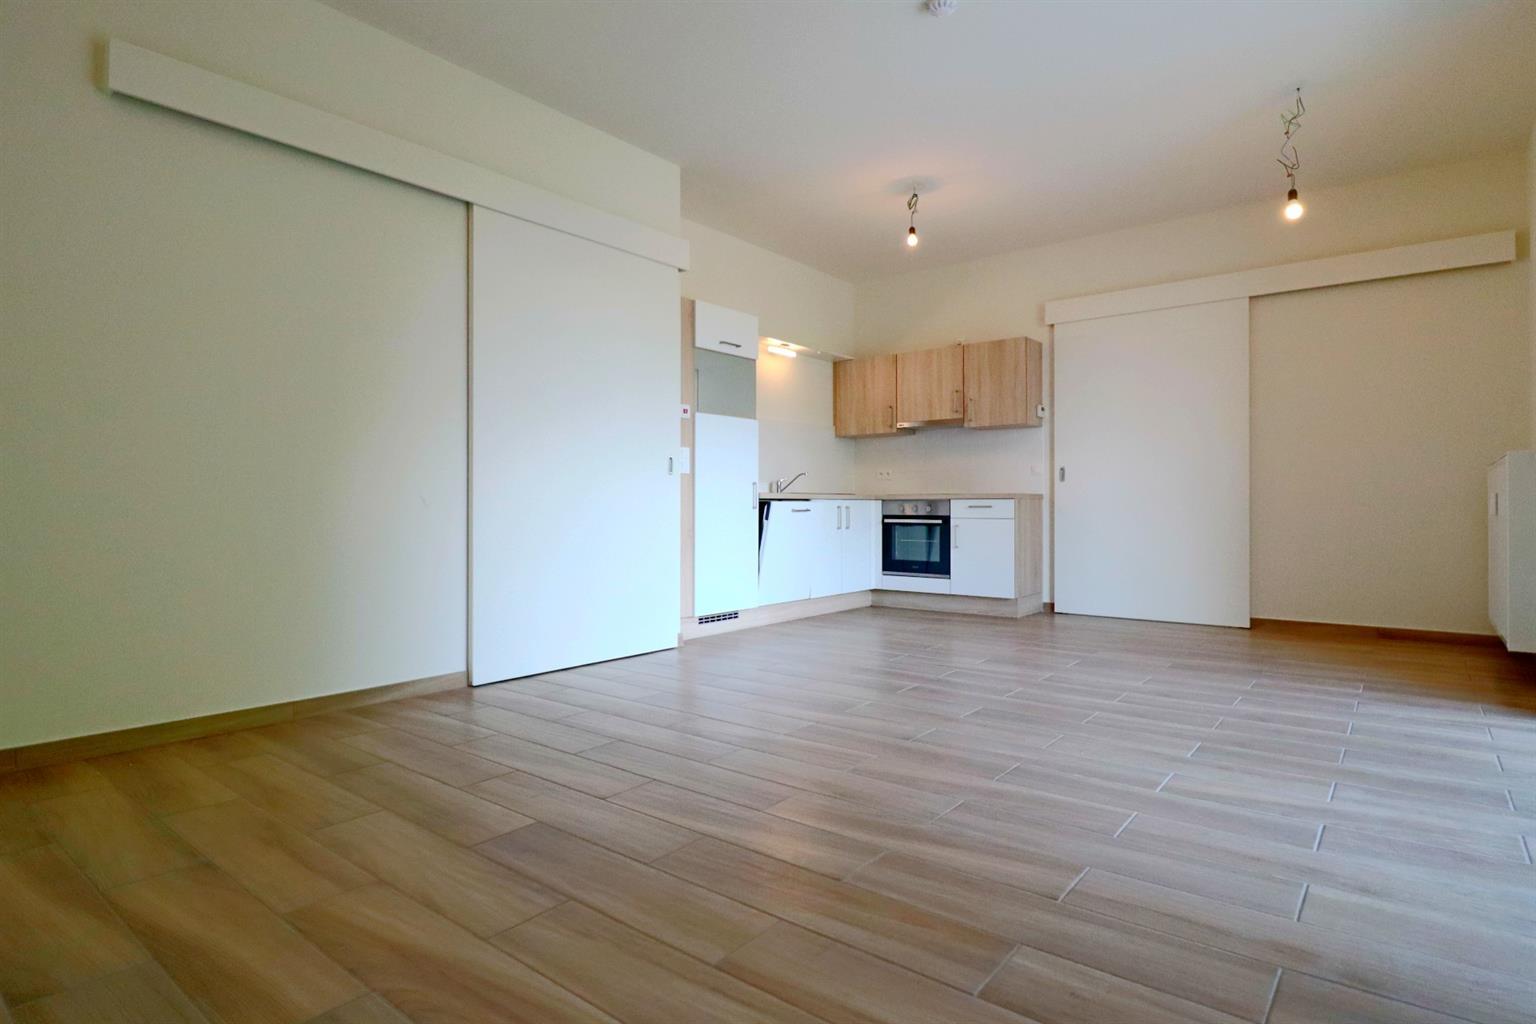 Appartement - Ottignies-Louvain-la-Neuve - #4406879-1